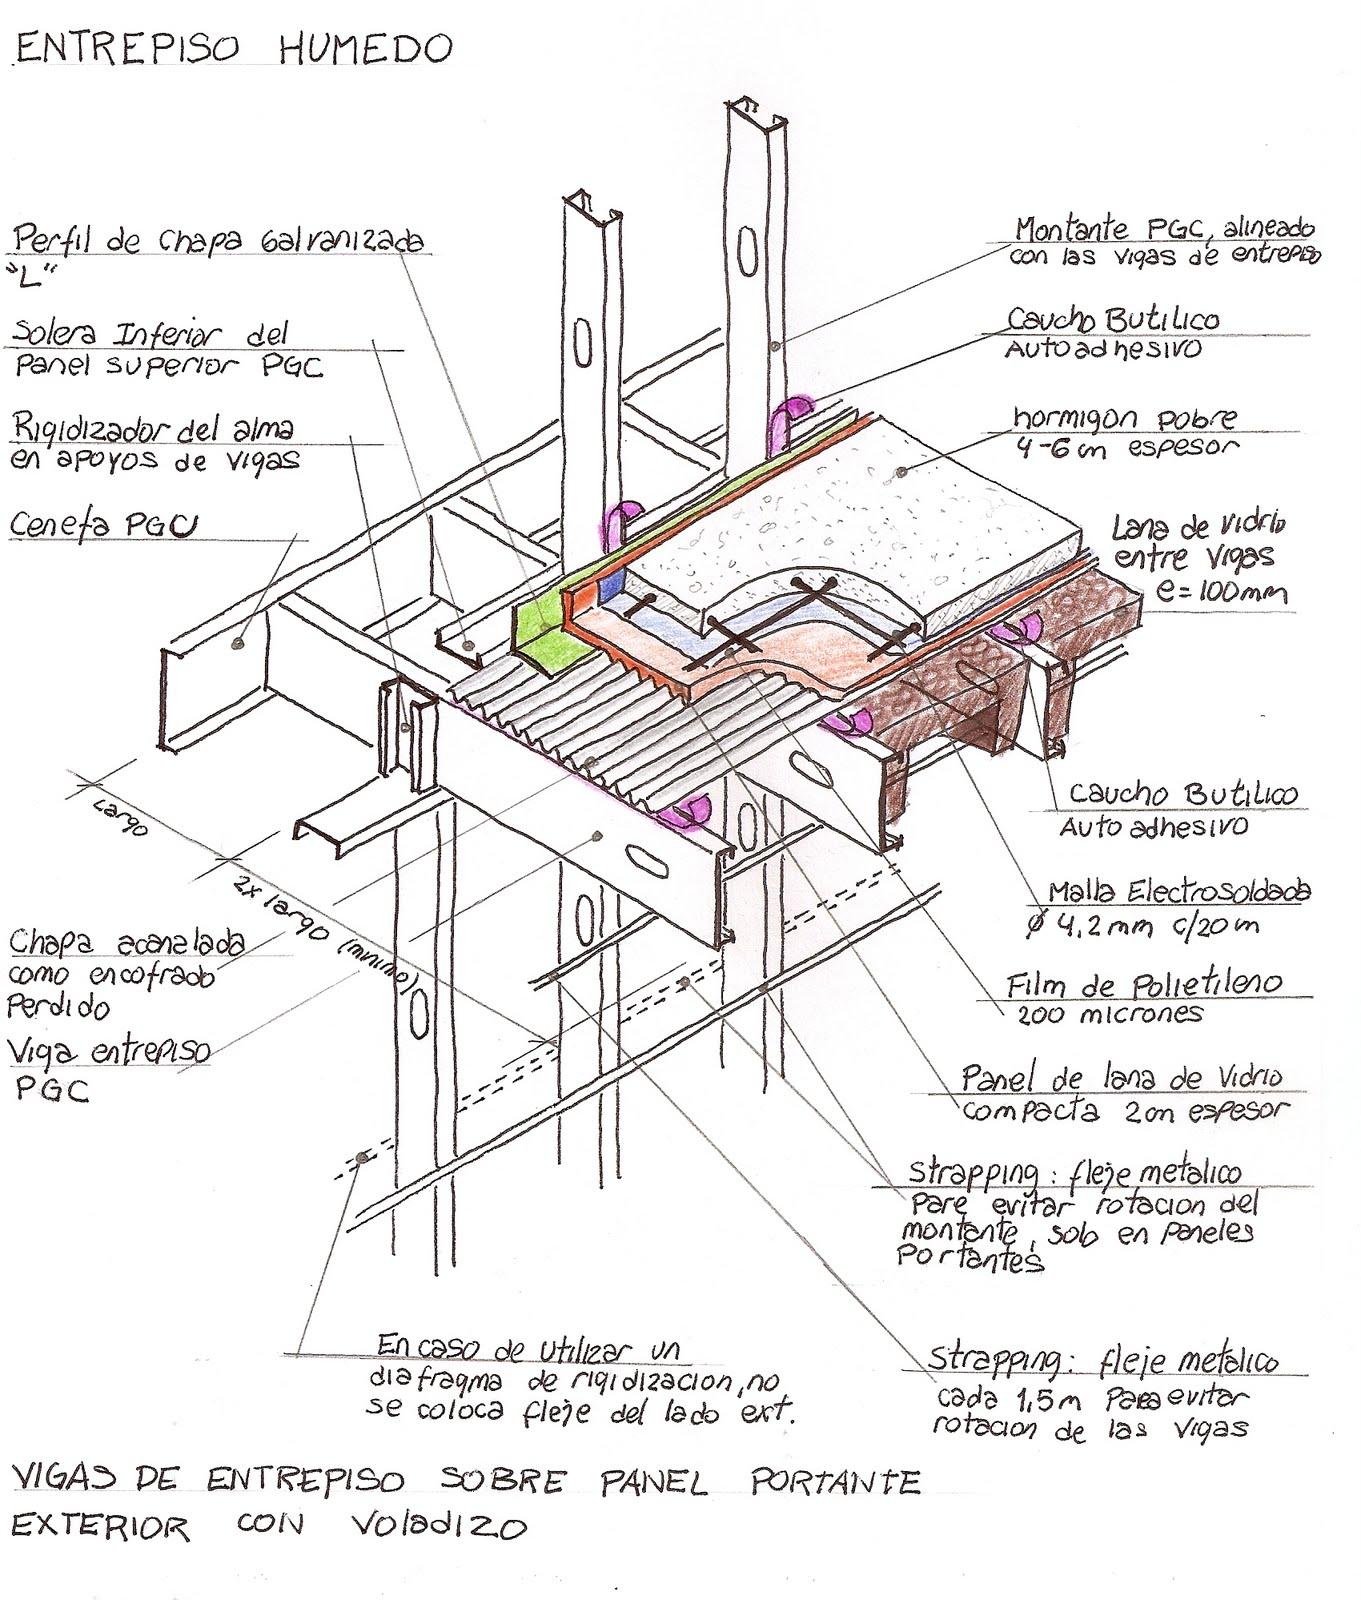 Construcciones pisos entrepisos escaleras for Como hacer una escalera para un entrepiso